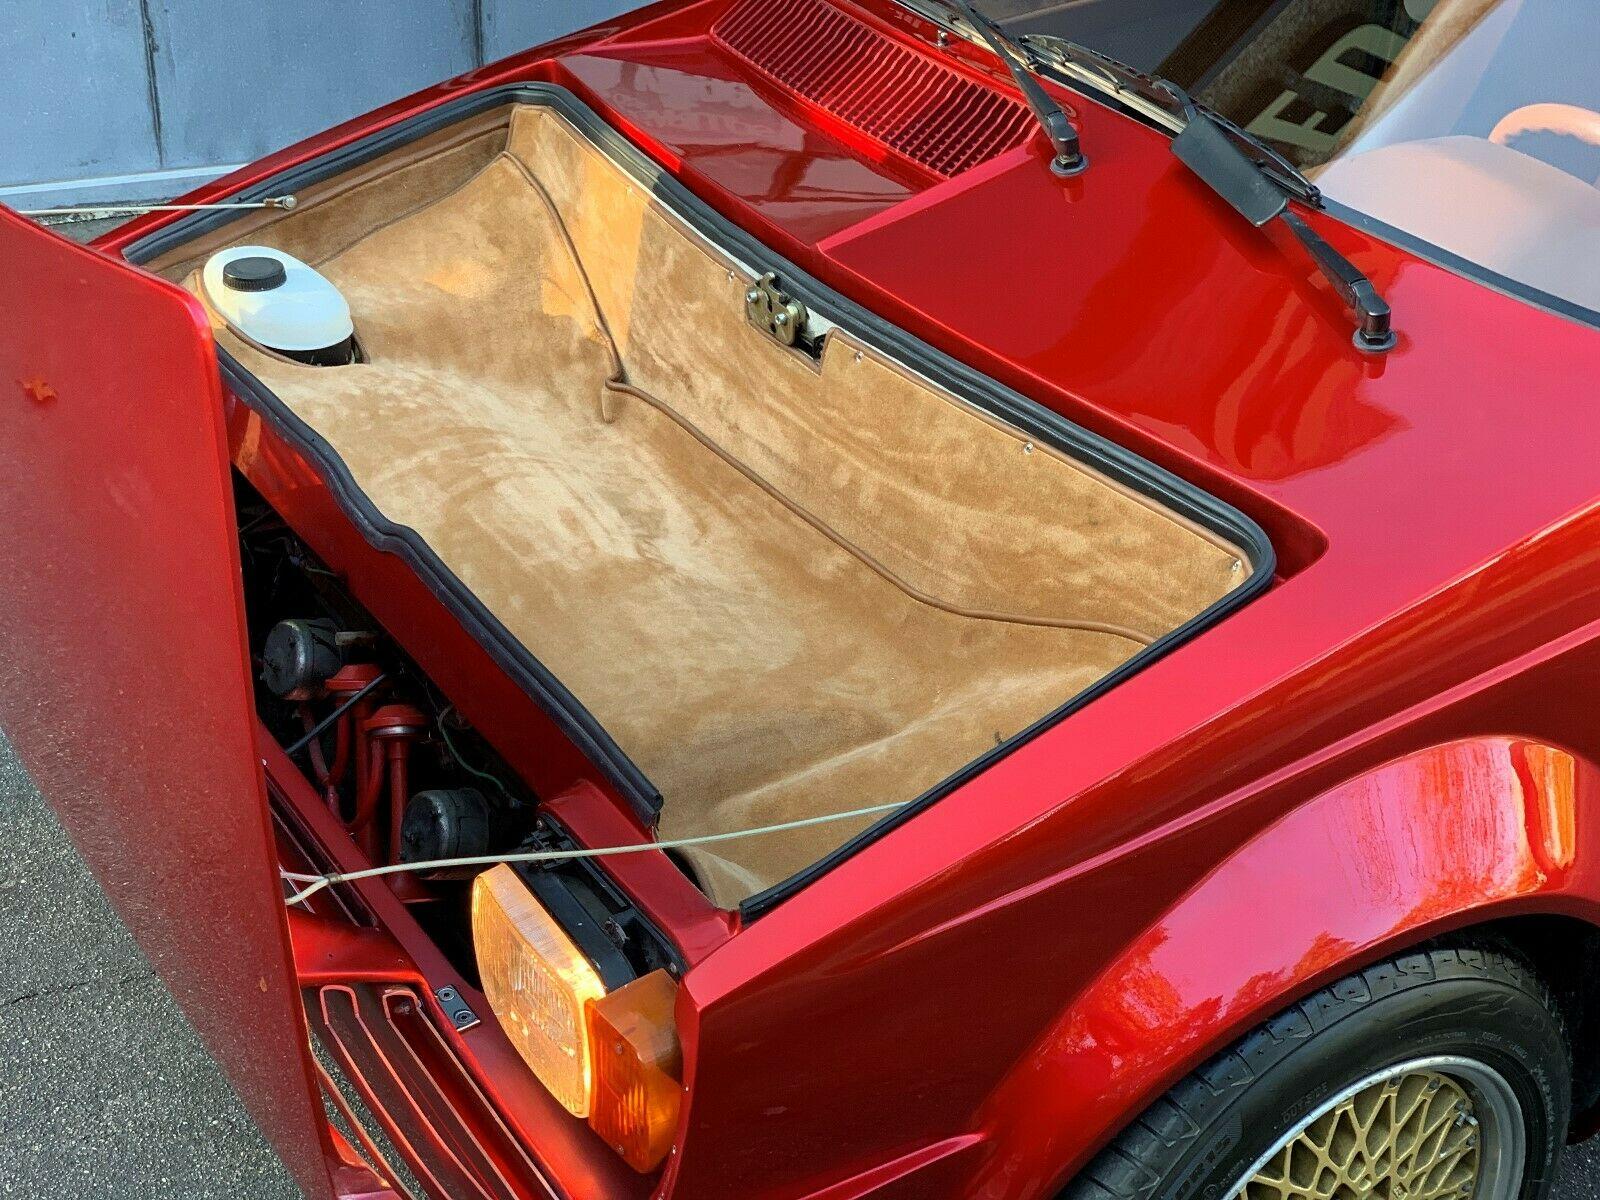 Ferrari-308-Sbarro-Super-Eight-for-sale-11